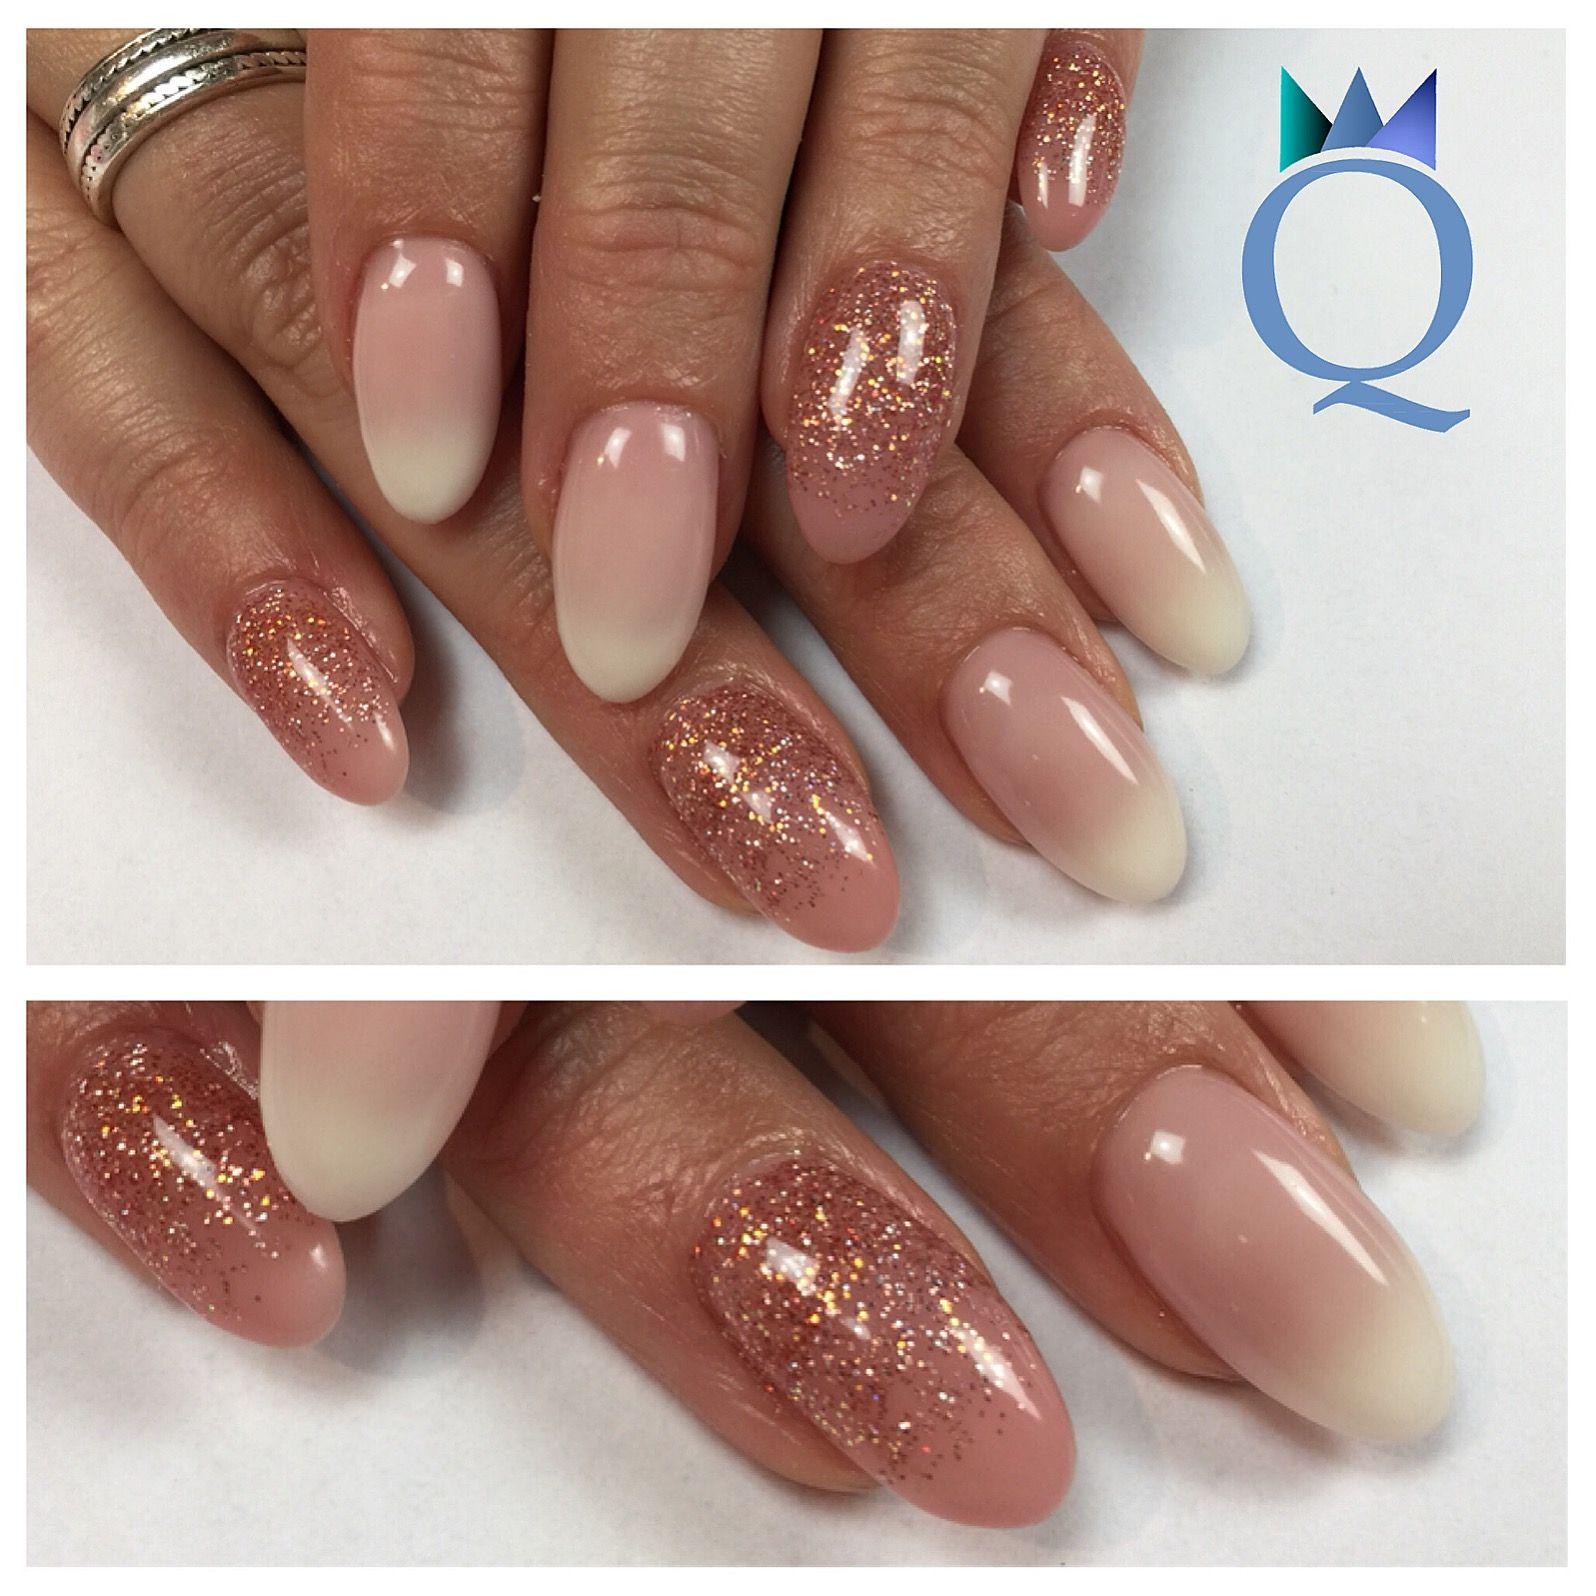 almondnails #gelnails #nails #babyboomernails #glitter #ombre ...